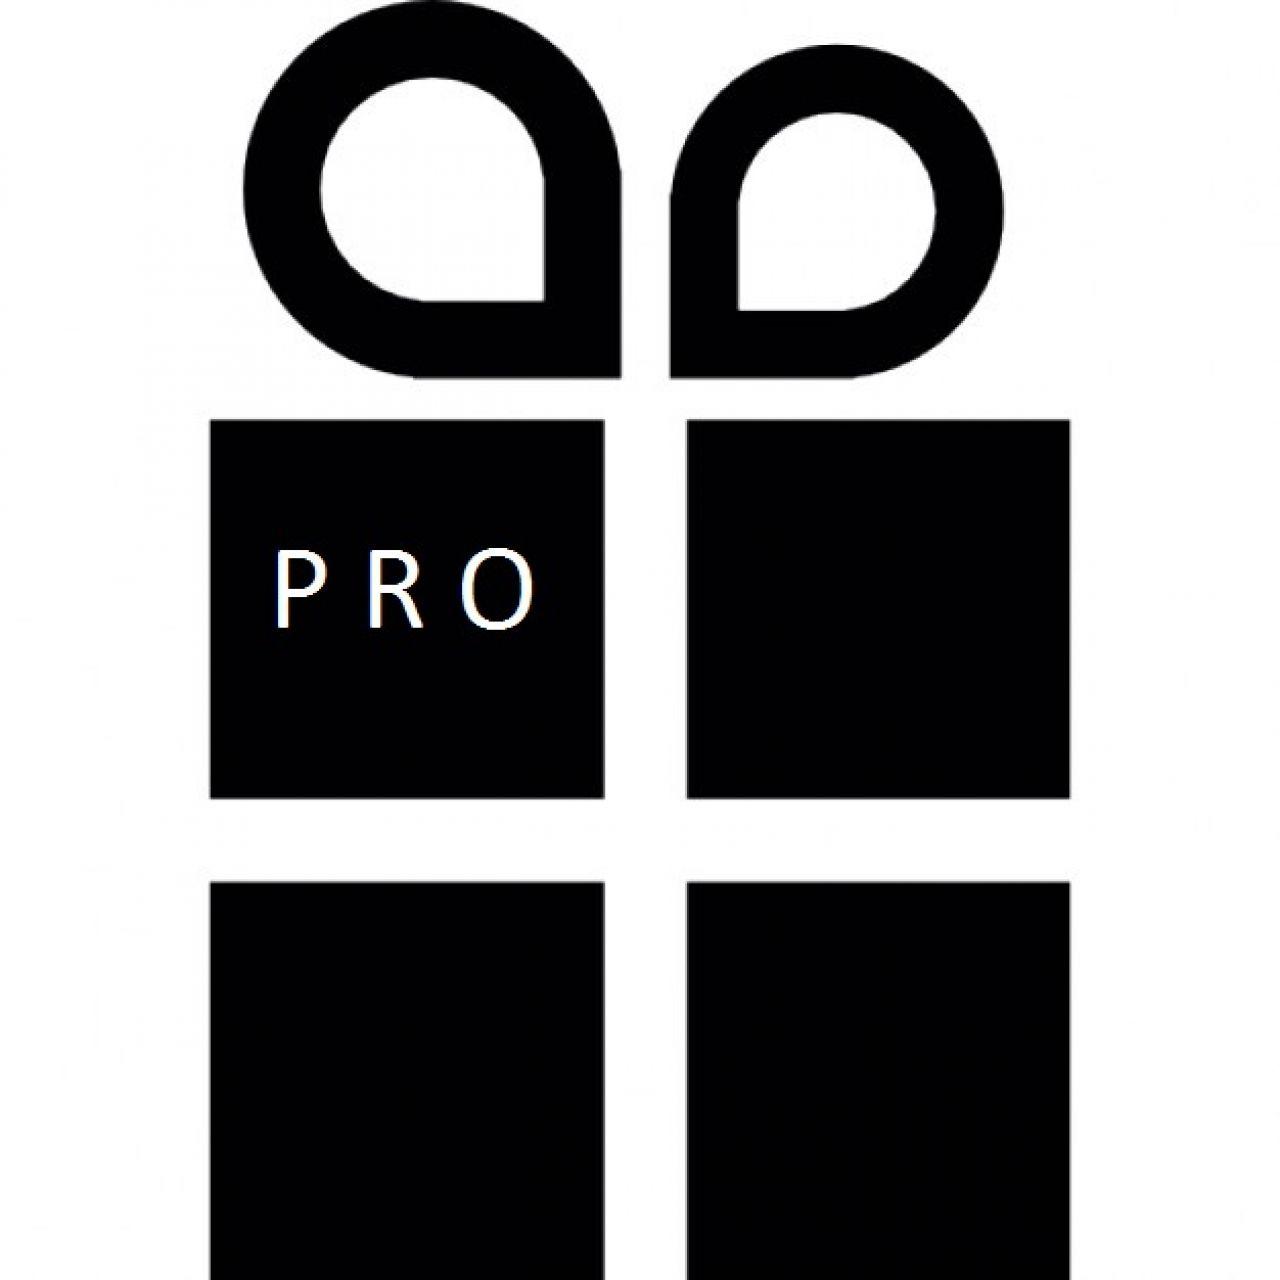 КомплектыPro из категории Серии, Комплекты для CMS OpenCart (ОпенКарт)